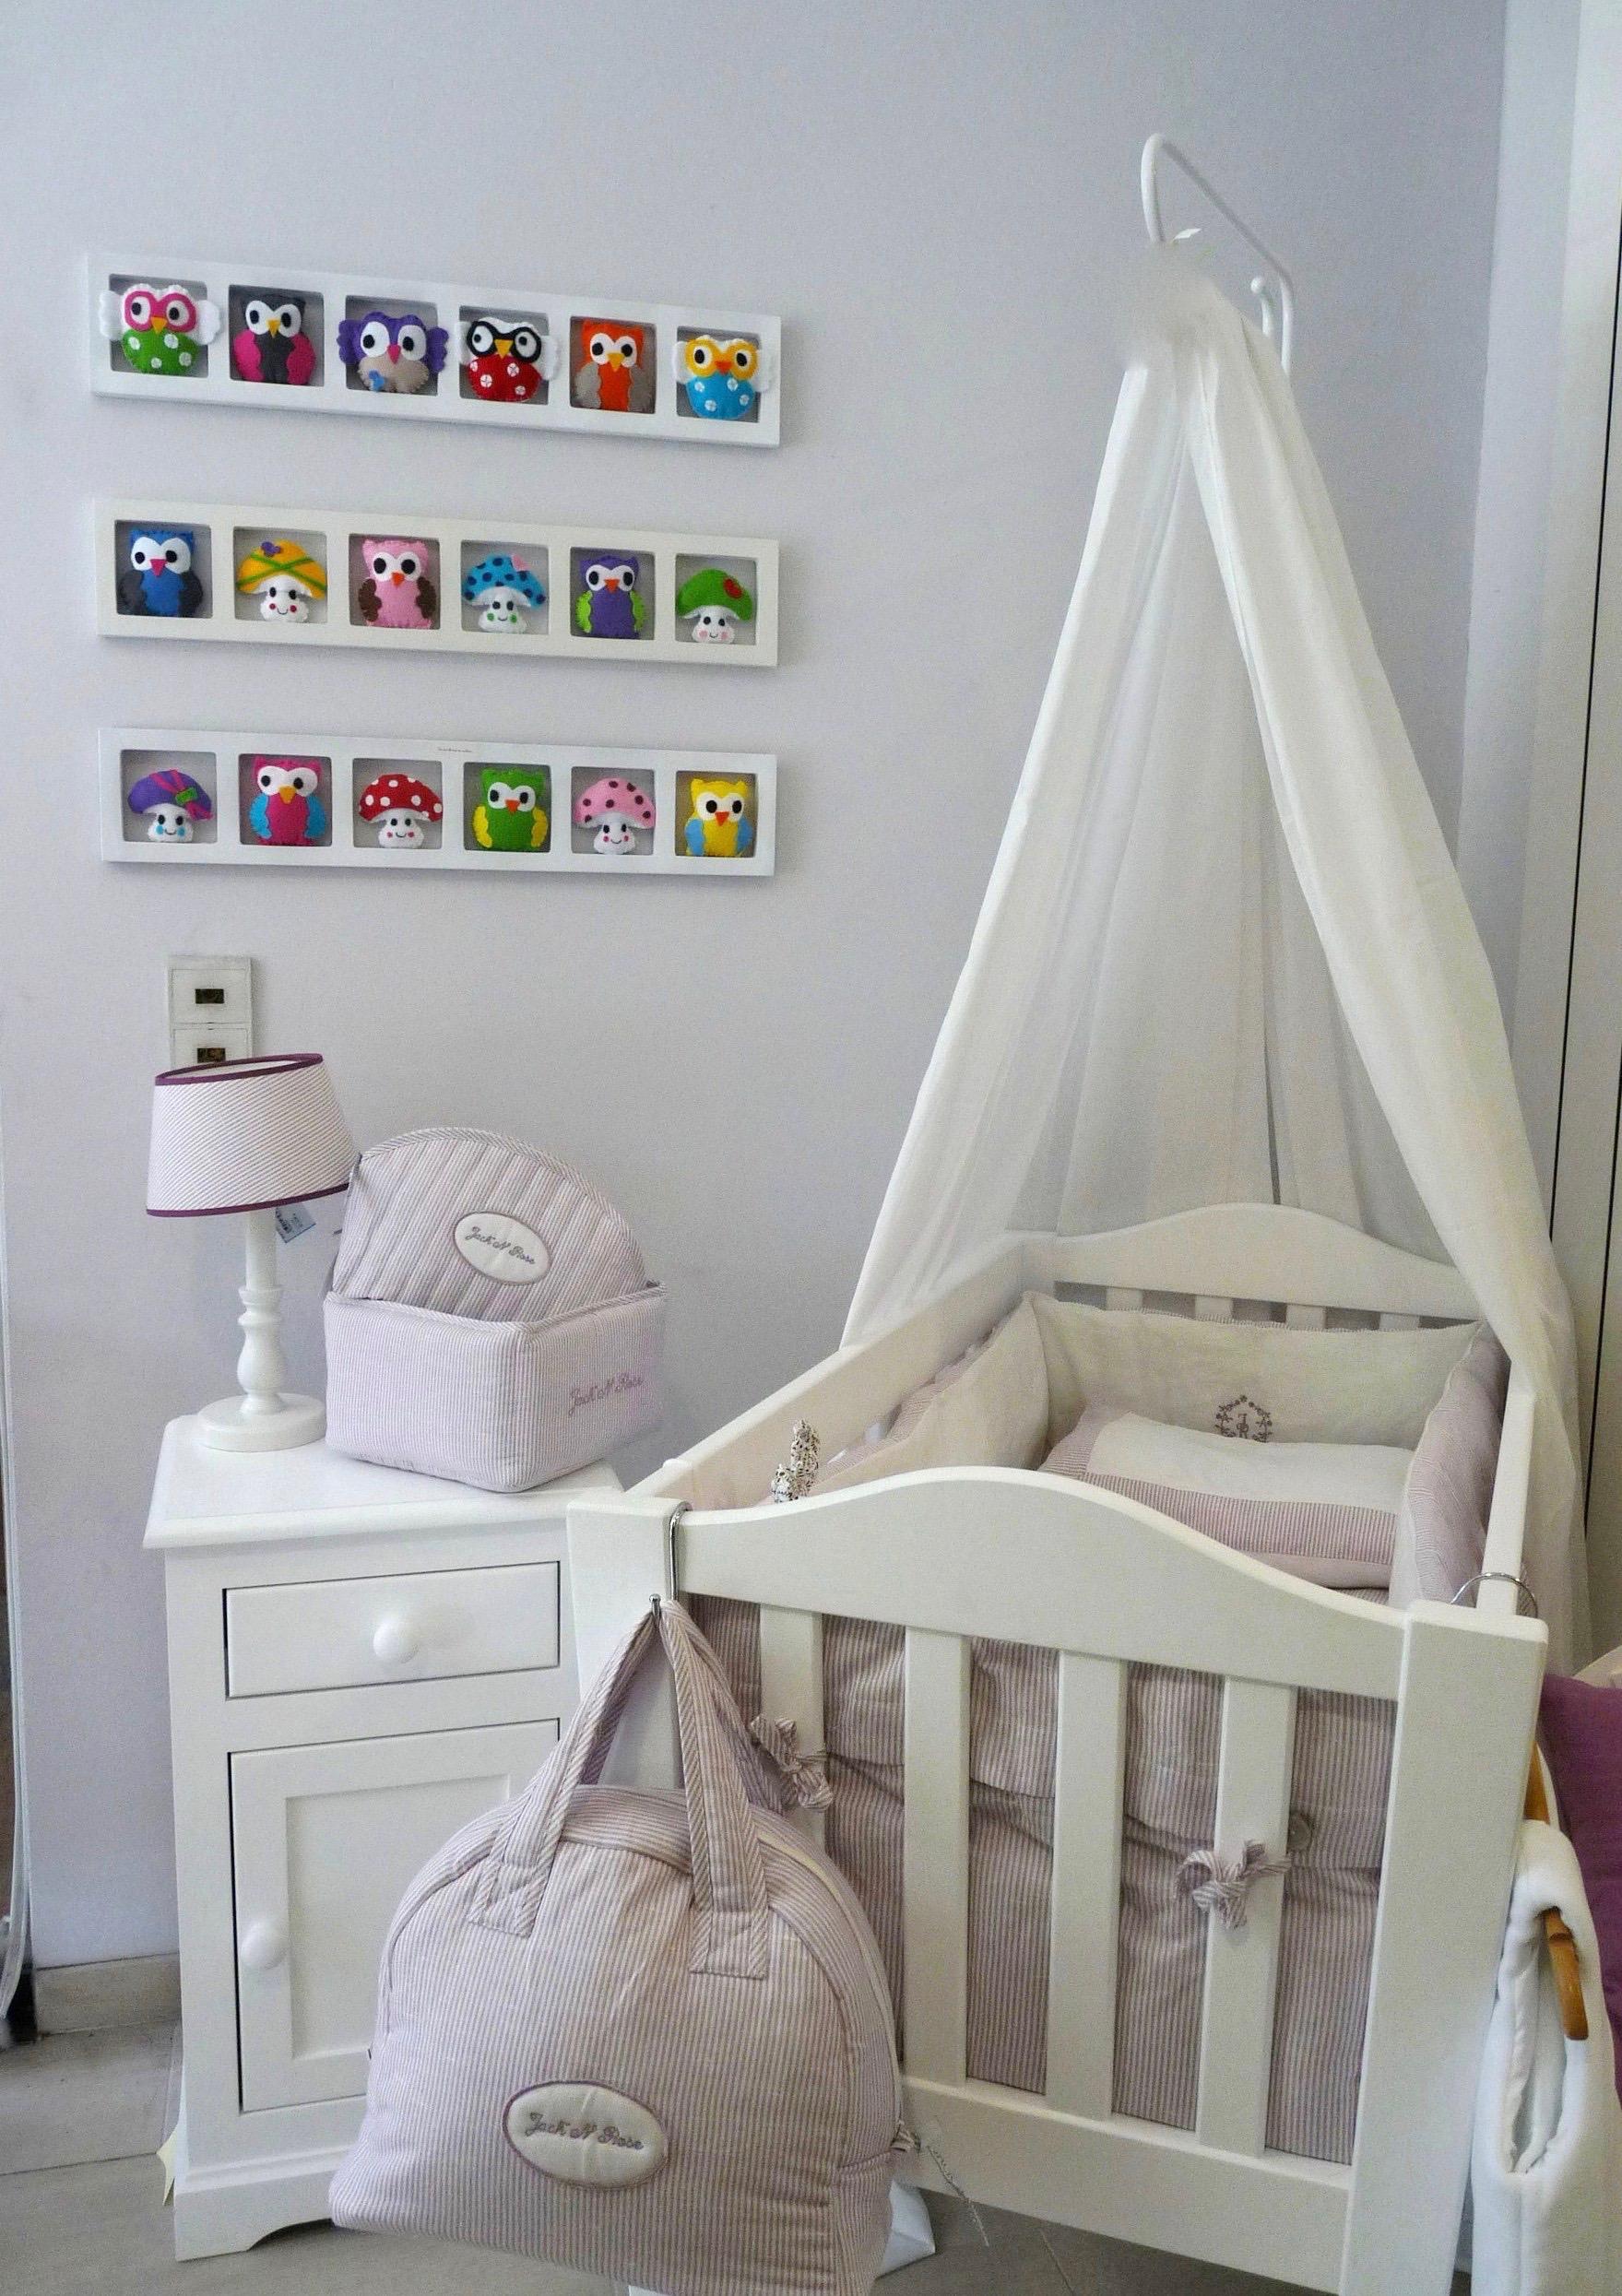 decoration mur chambre bebe fille hiboux oiseaux rose gris. Black Bedroom Furniture Sets. Home Design Ideas